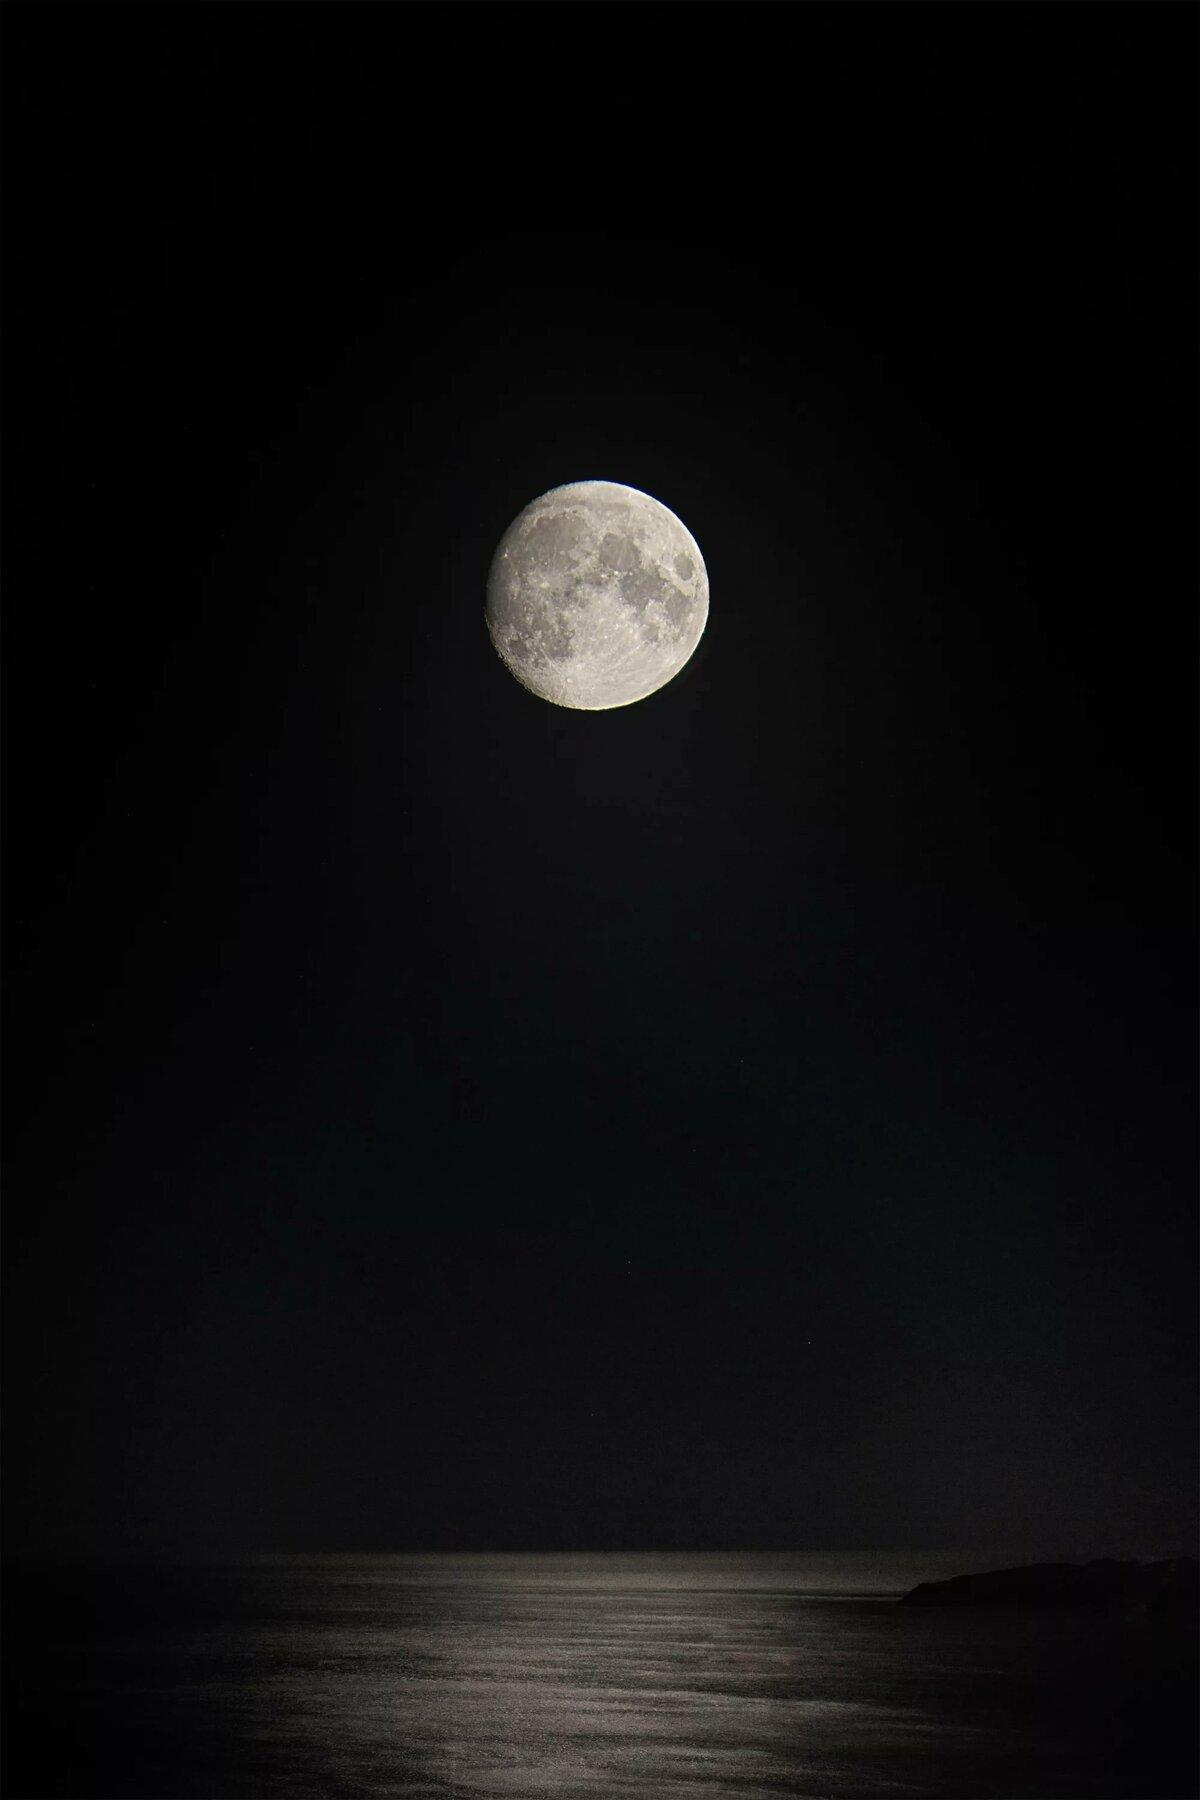 Полная луна картинки на телефон